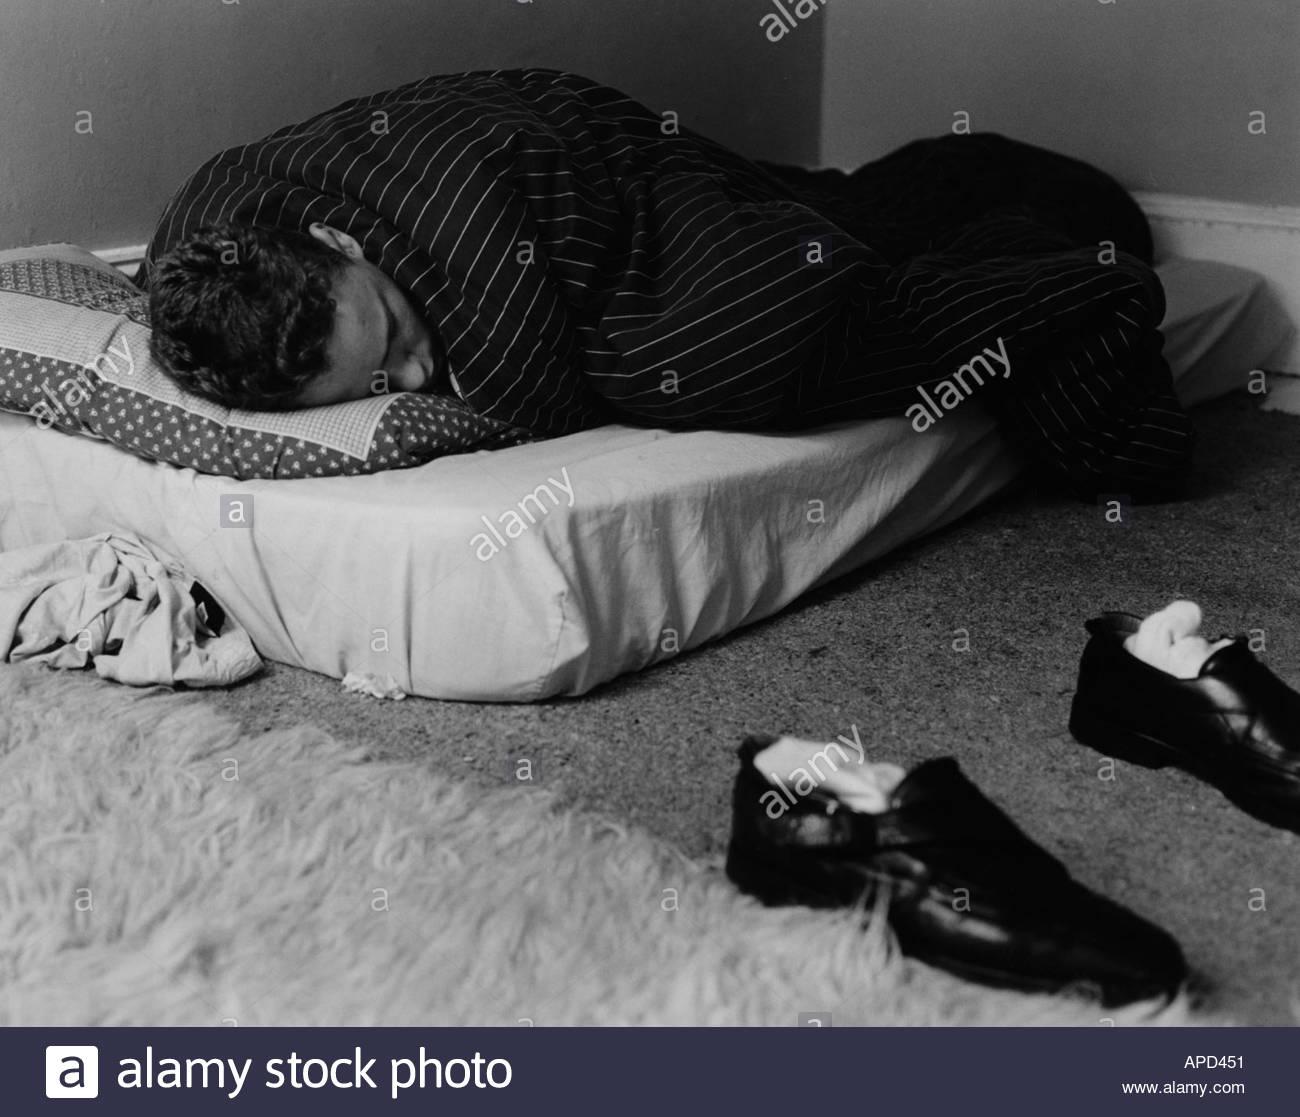 Teenager Sleeping On Mattress On Floor Uk Stock Photo 1496144 Alamy